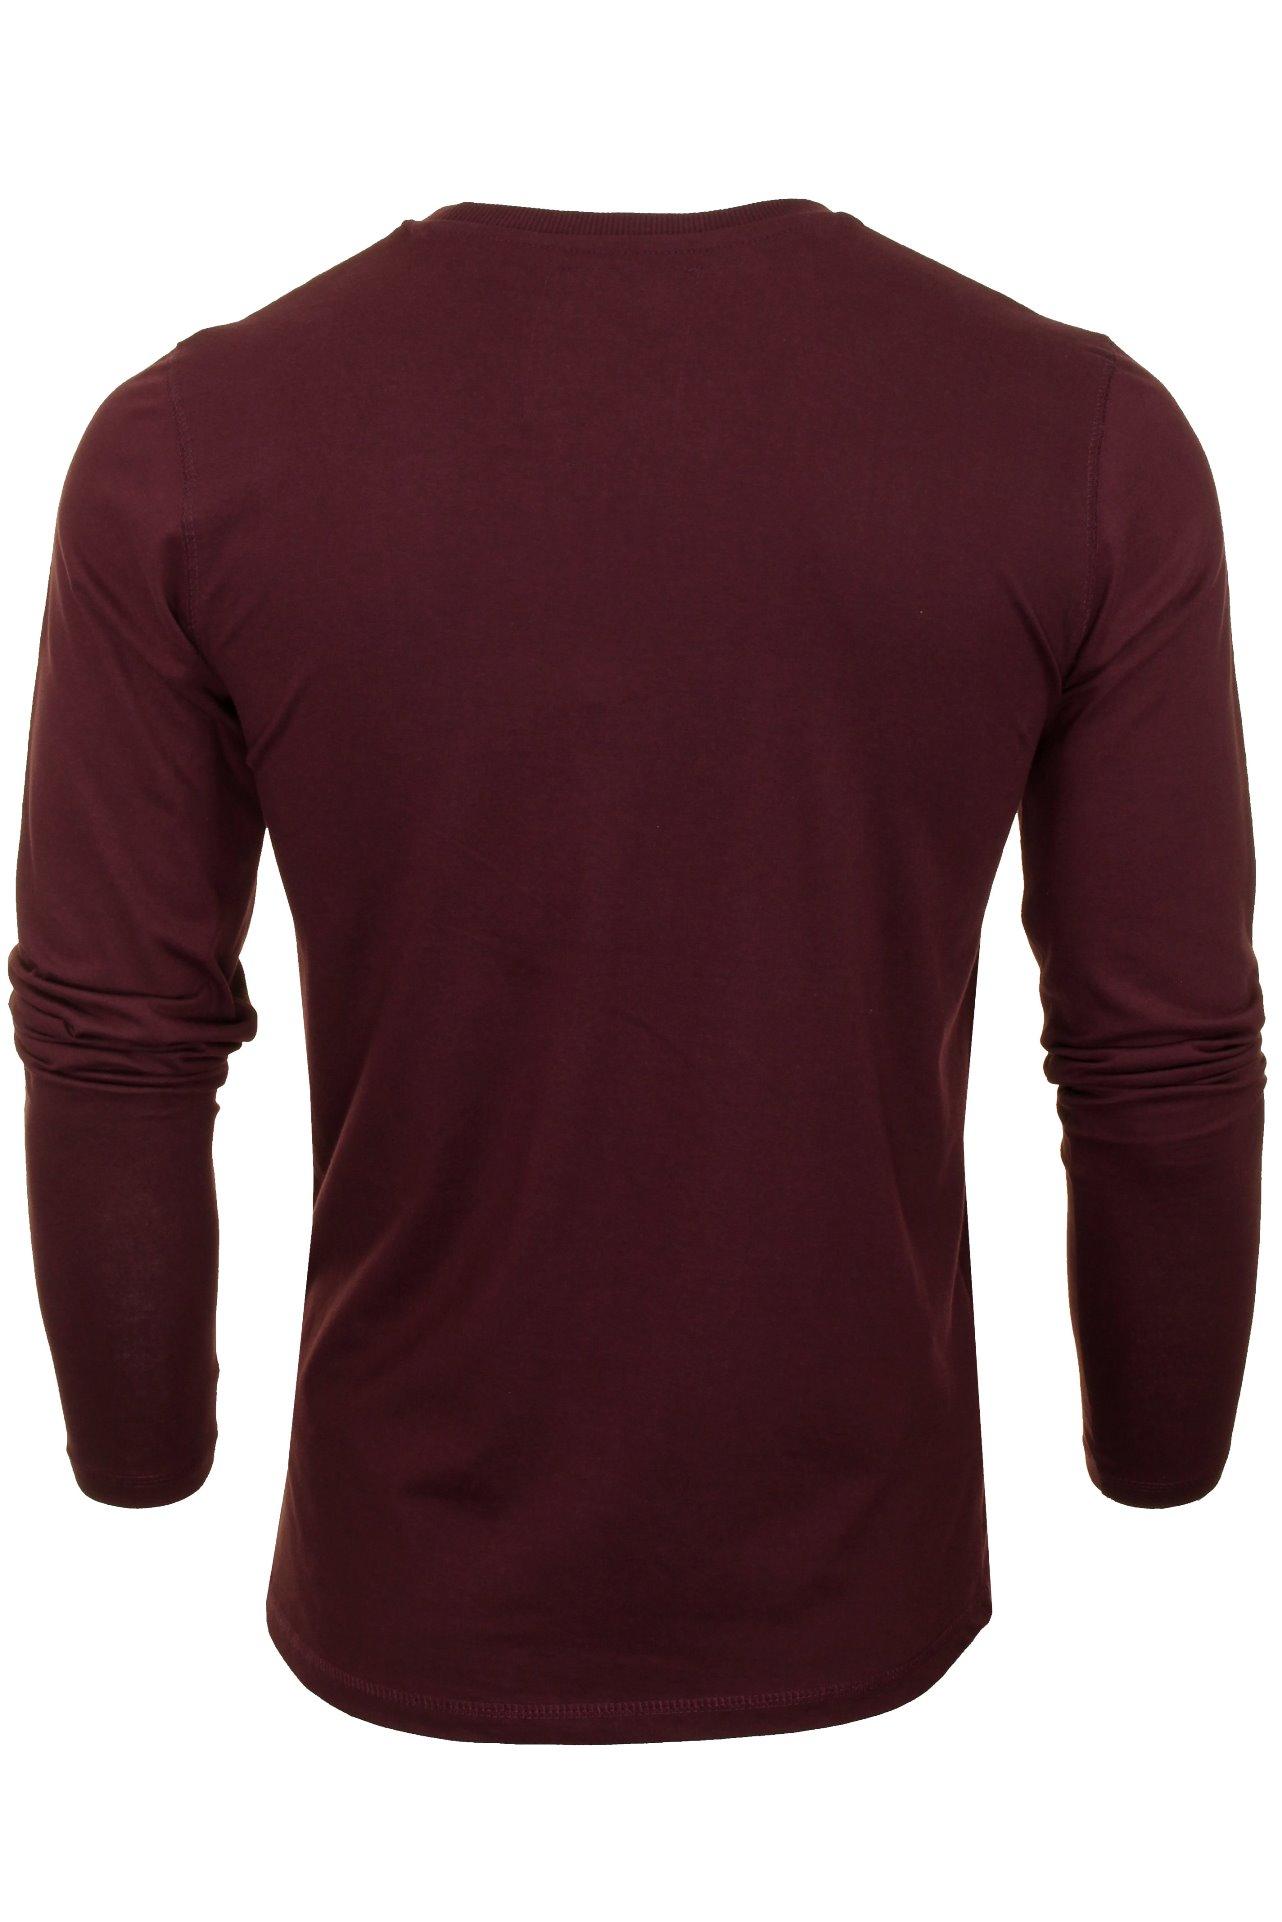 Mens-Tokyo-Laundry-Long-Sleeved-T-Shirt thumbnail 8